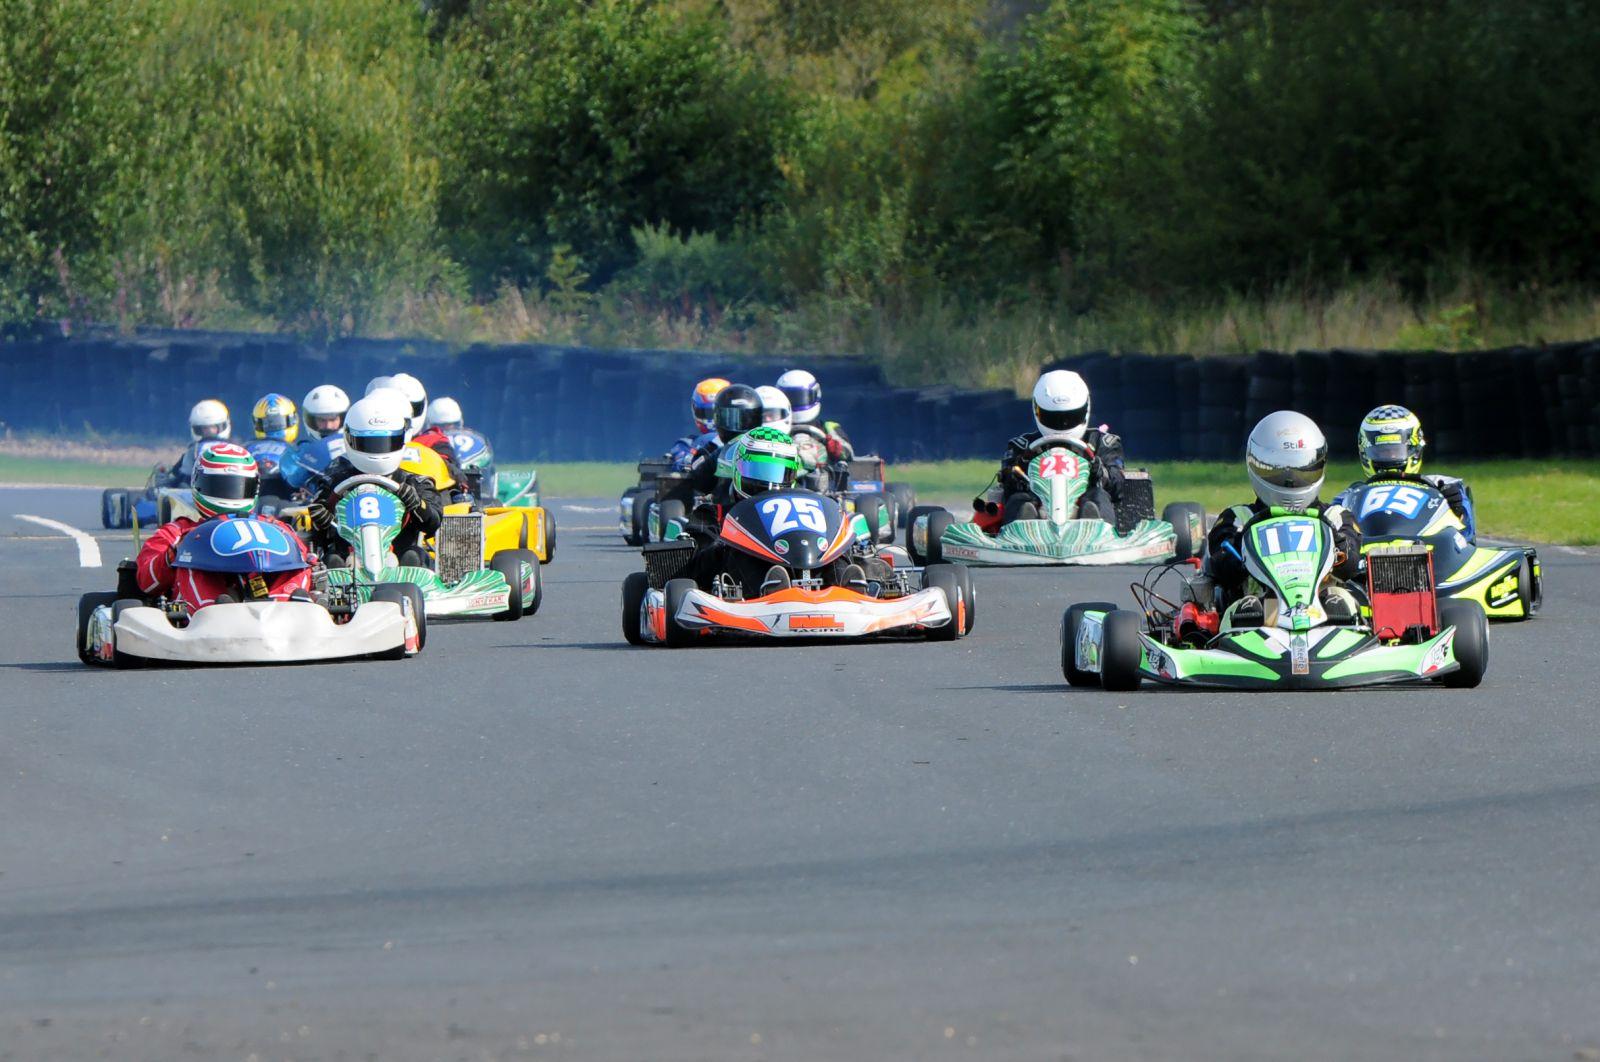 NI Karting - Karting Association of Northern Ireland